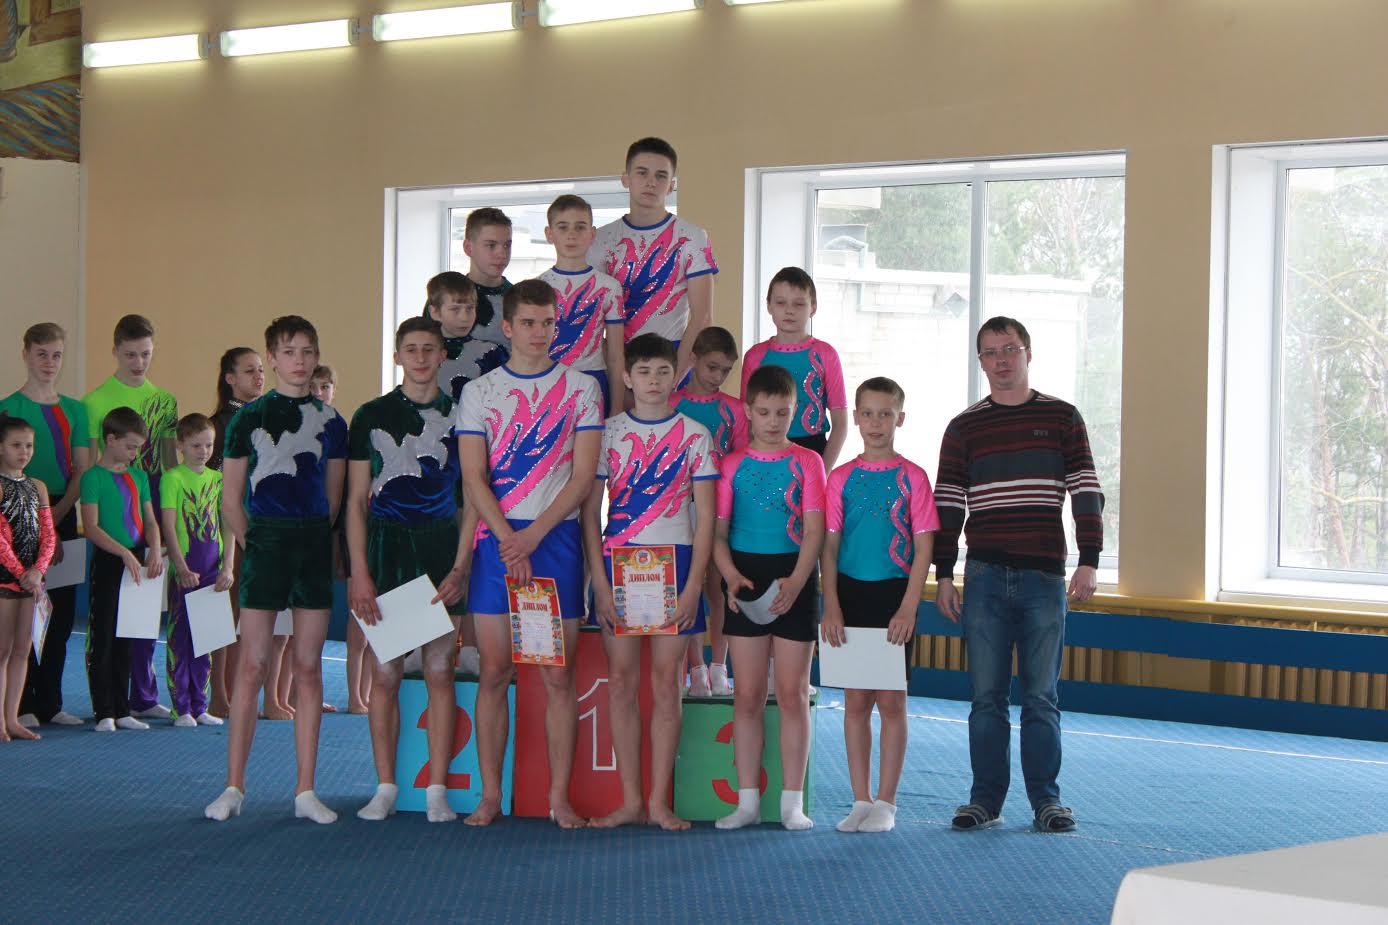 Барановичские спортсмены заняли первые места на областных соревнованиях по спортивной акробатике Фото: Игорь Лютик